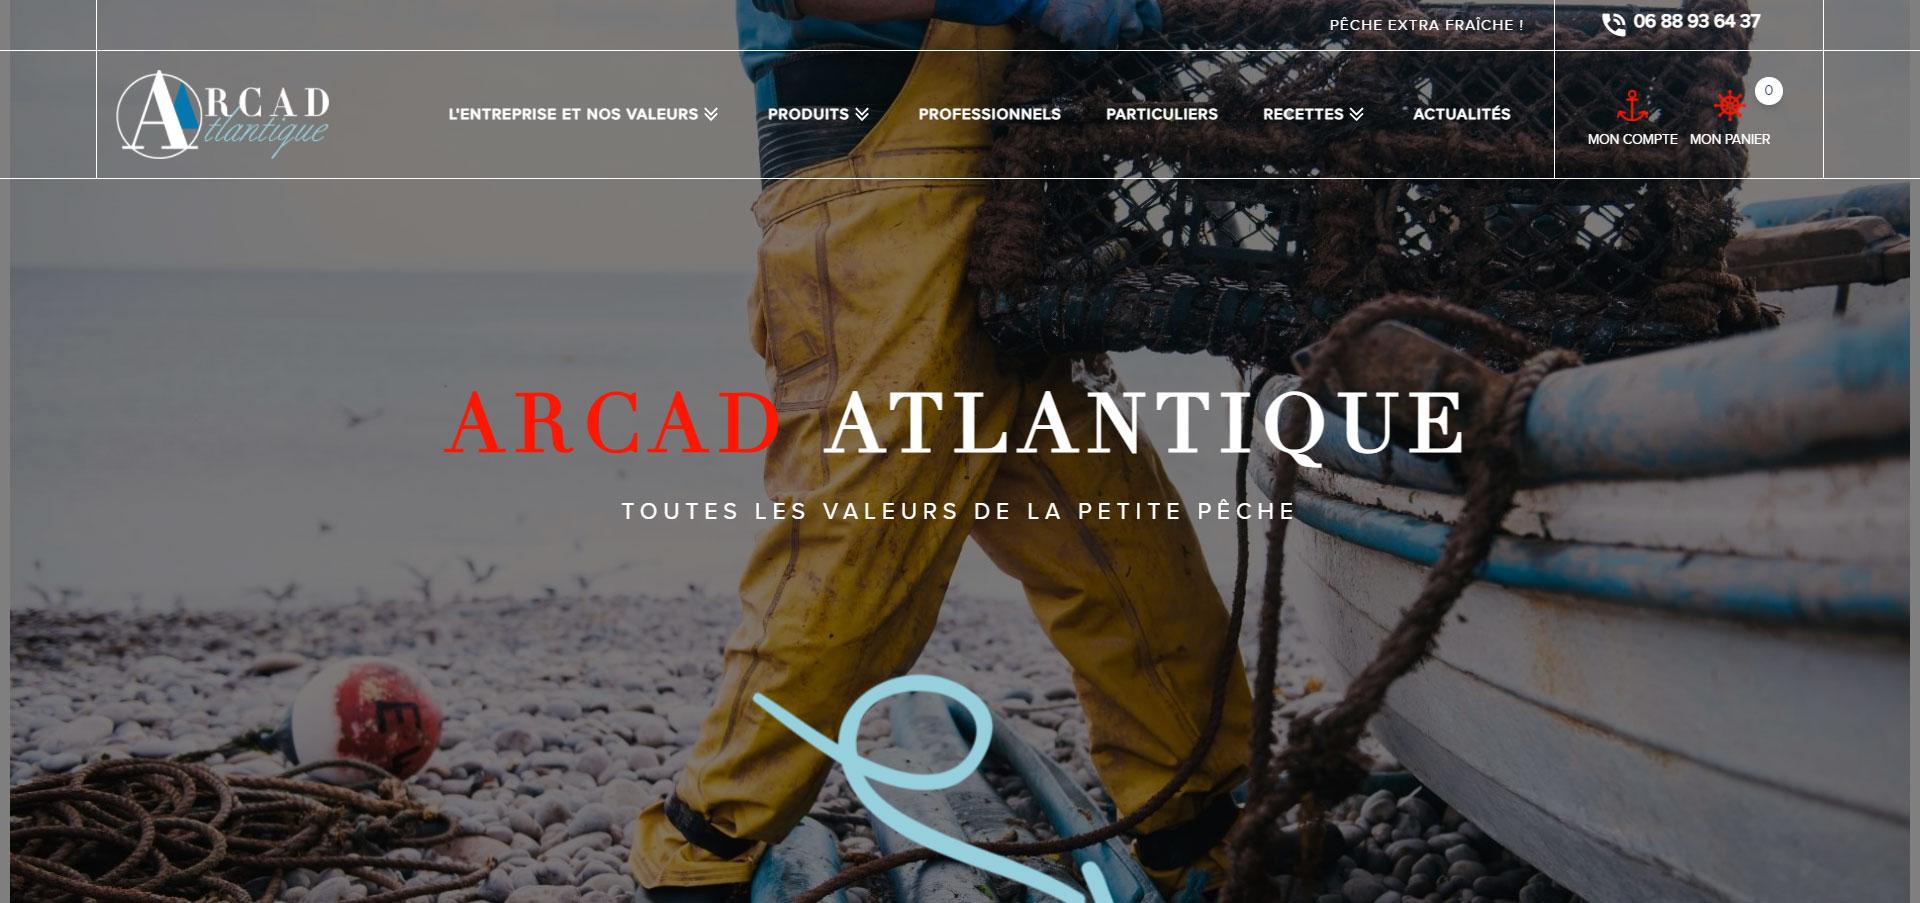 Producteur De Peche Extra Fraiche à Concarneau Arcad Atlantique